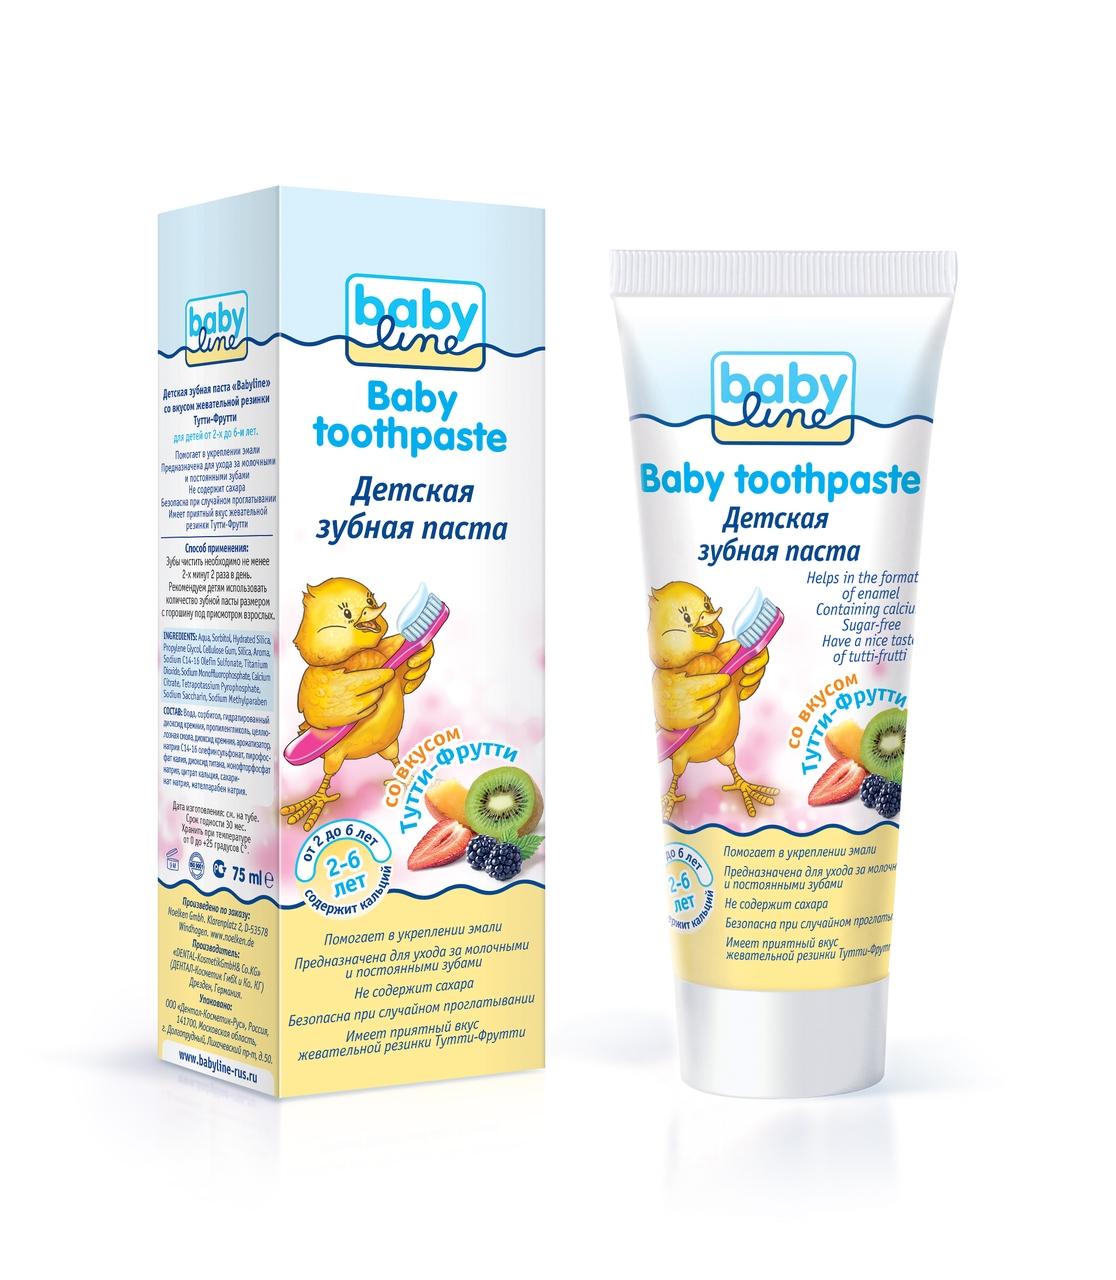 все цены на Зубные щетки и пасты BABYLINE Зубная паста детская со вкусом Тутти-Фрутти, 2-6 лет, 75 мл